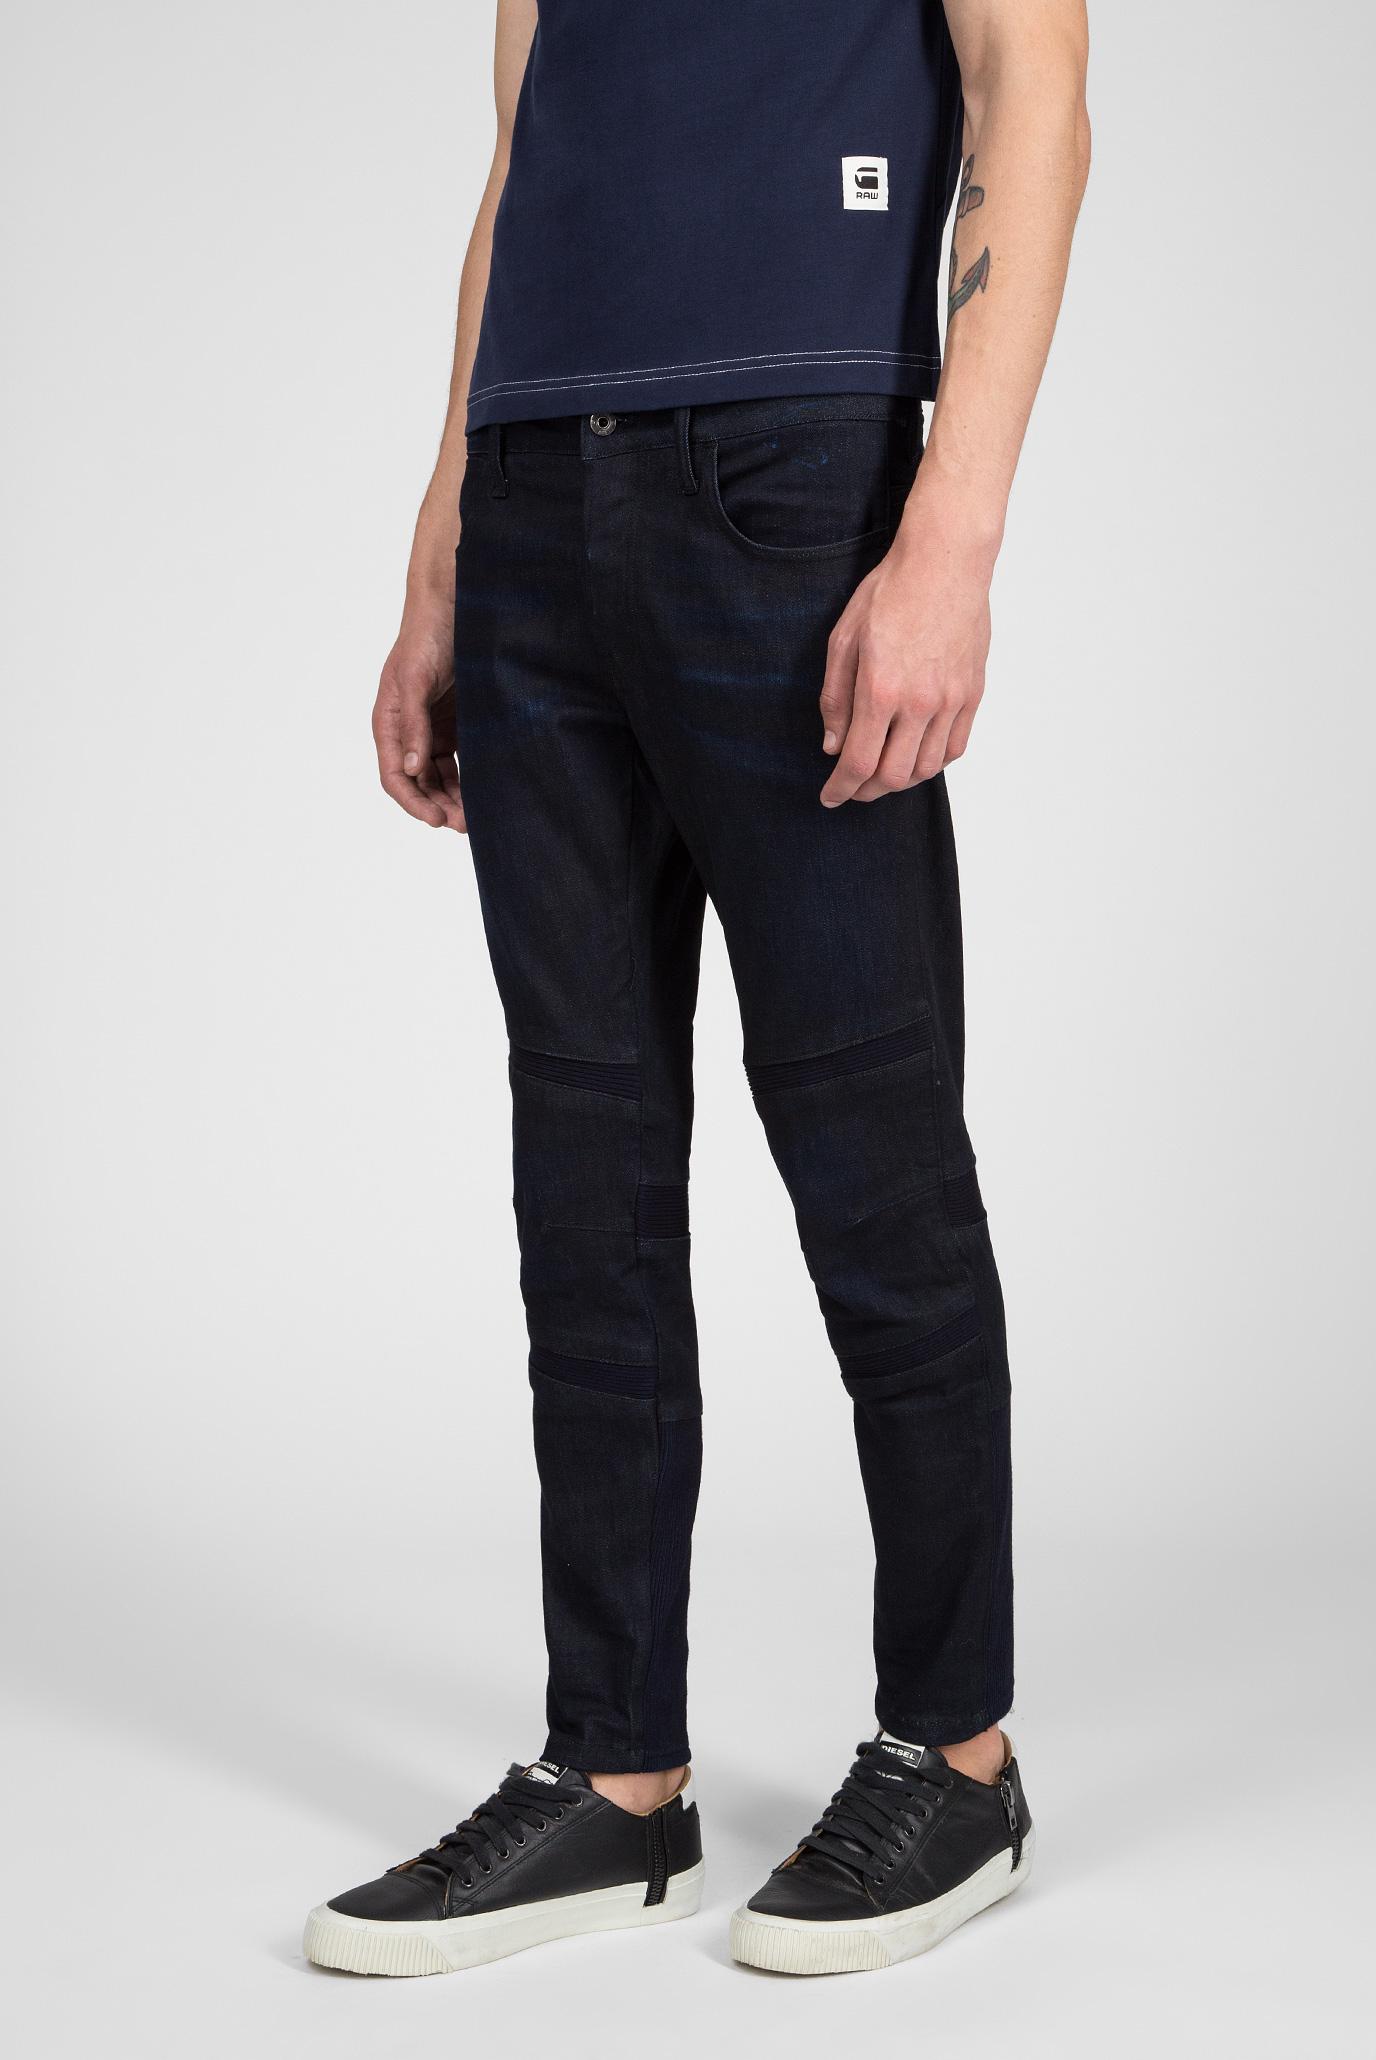 Купить Мужские темно-синие джинсы Motac Sec 3D Slim G-Star RAW G-Star RAW D11447,7209 – Киев, Украина. Цены в интернет магазине MD Fashion